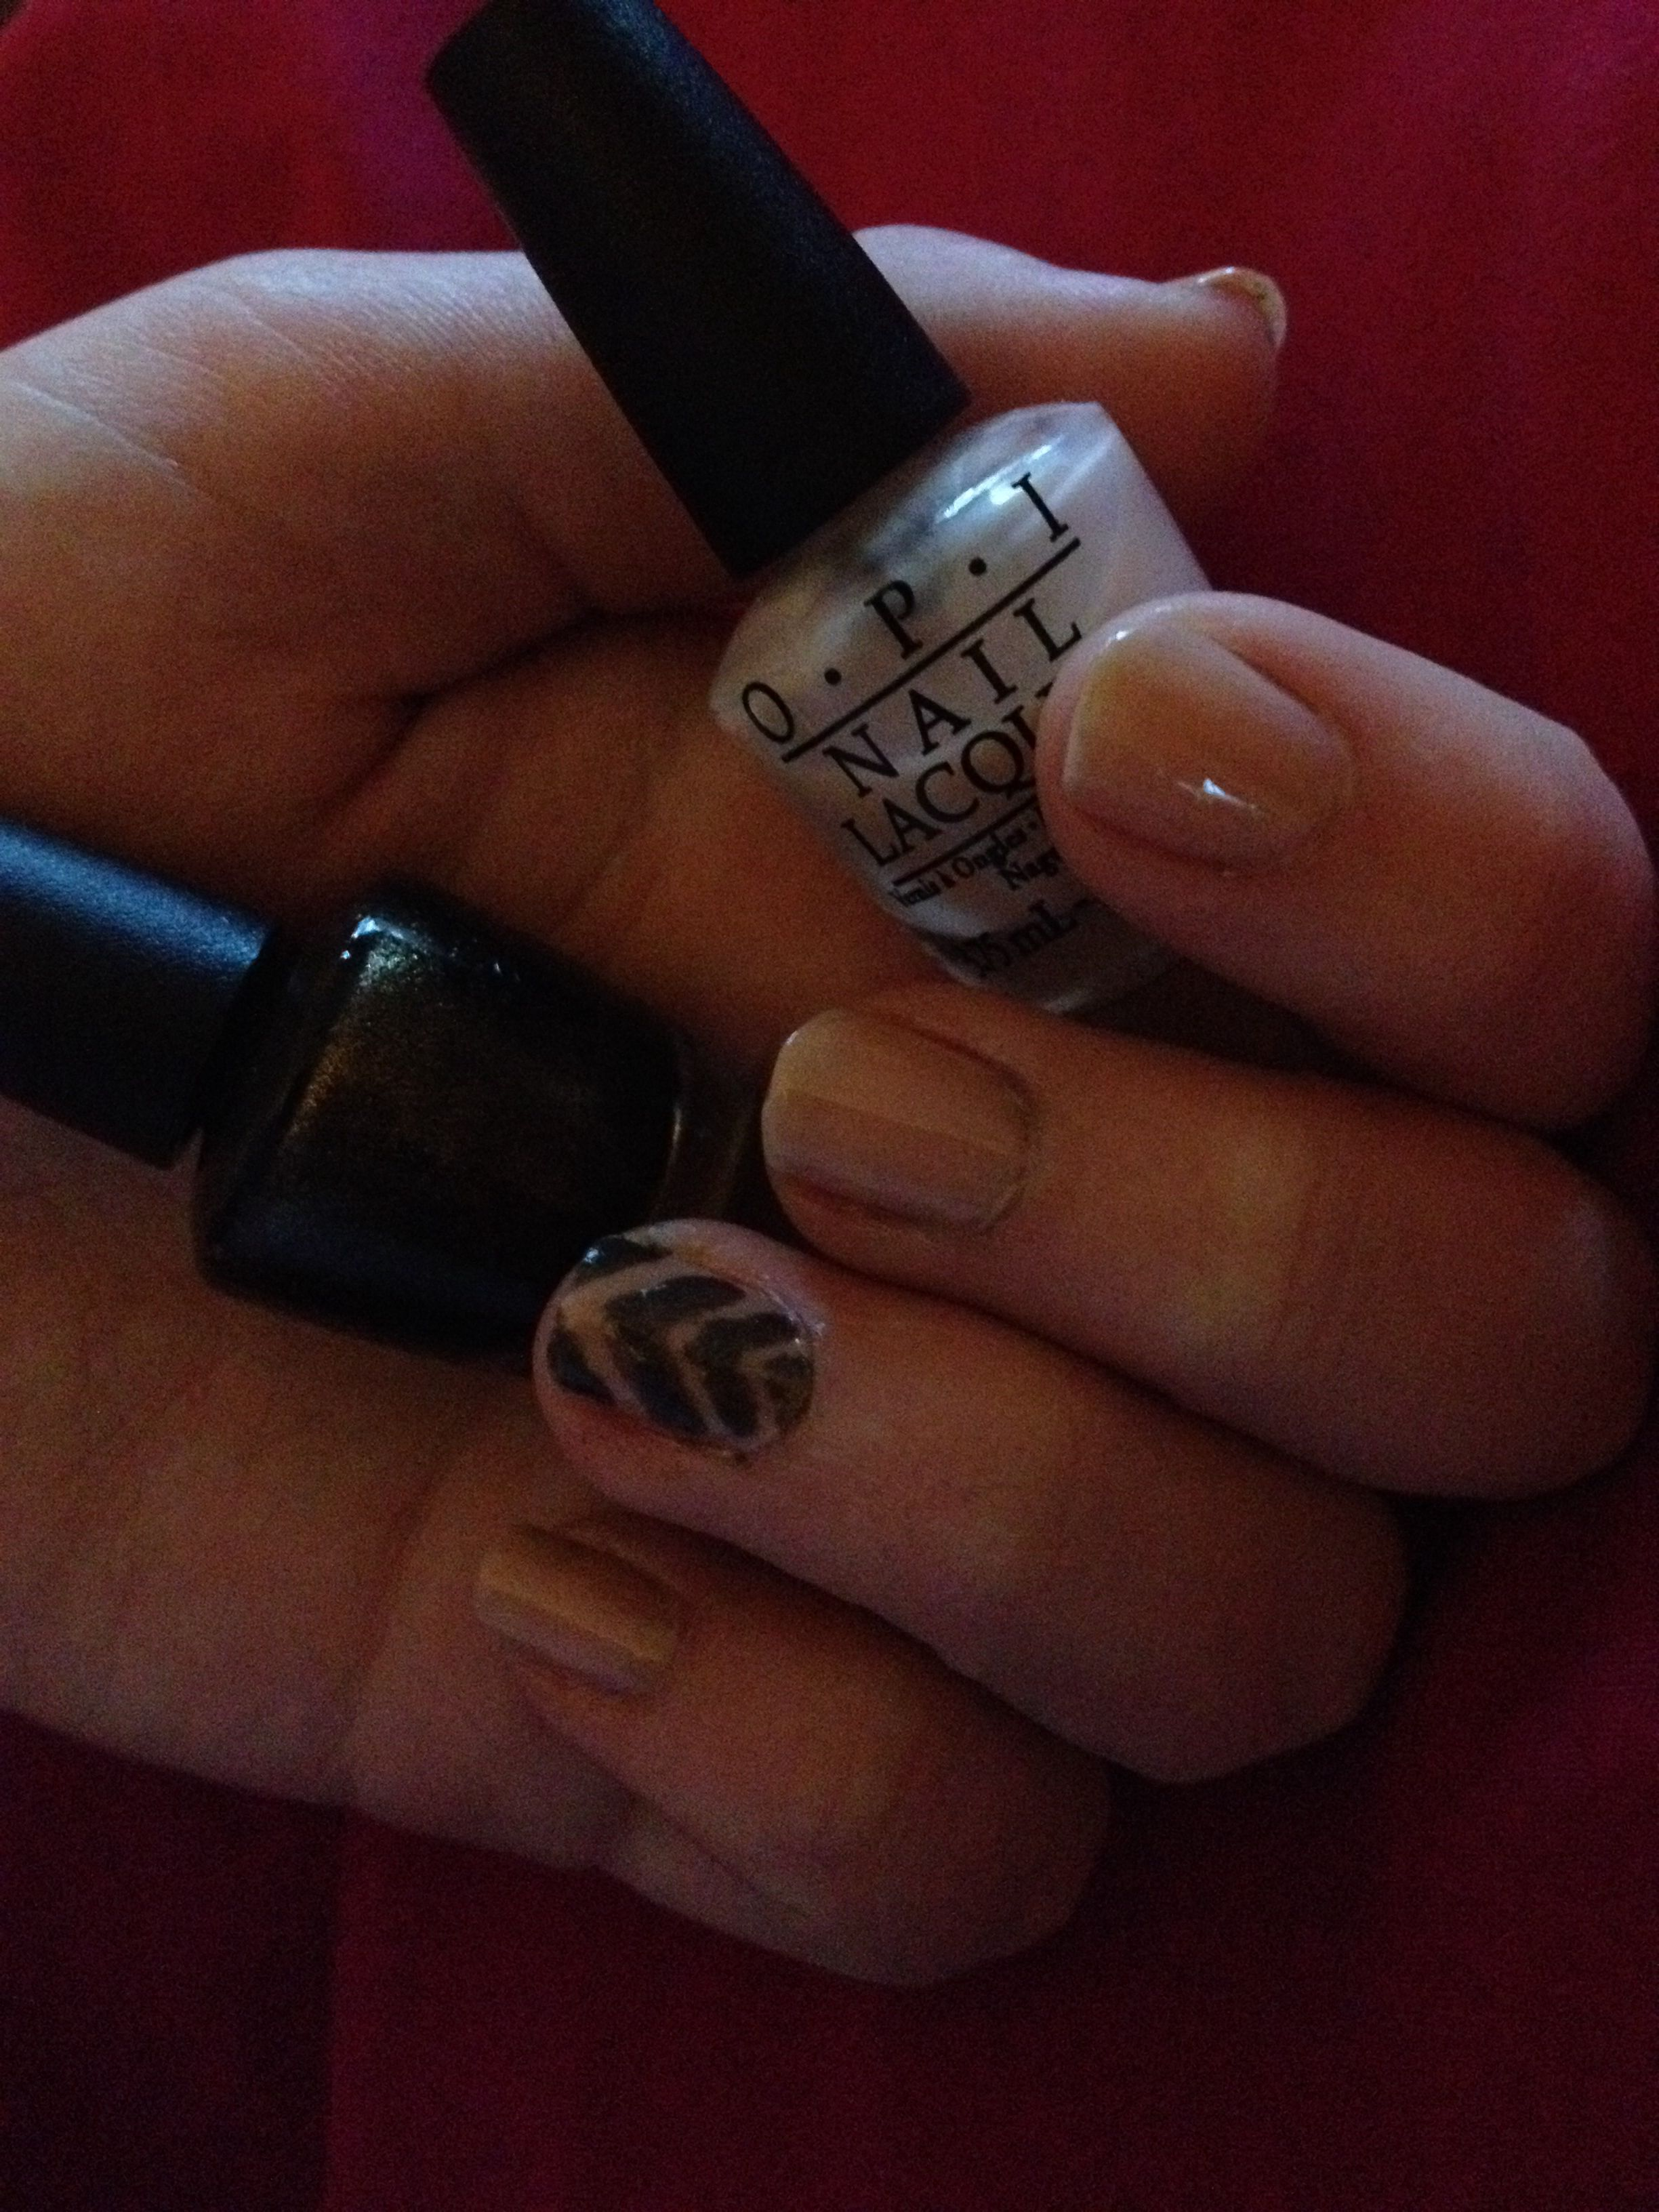 Opi nail lacquer nude and chevron nails DIY